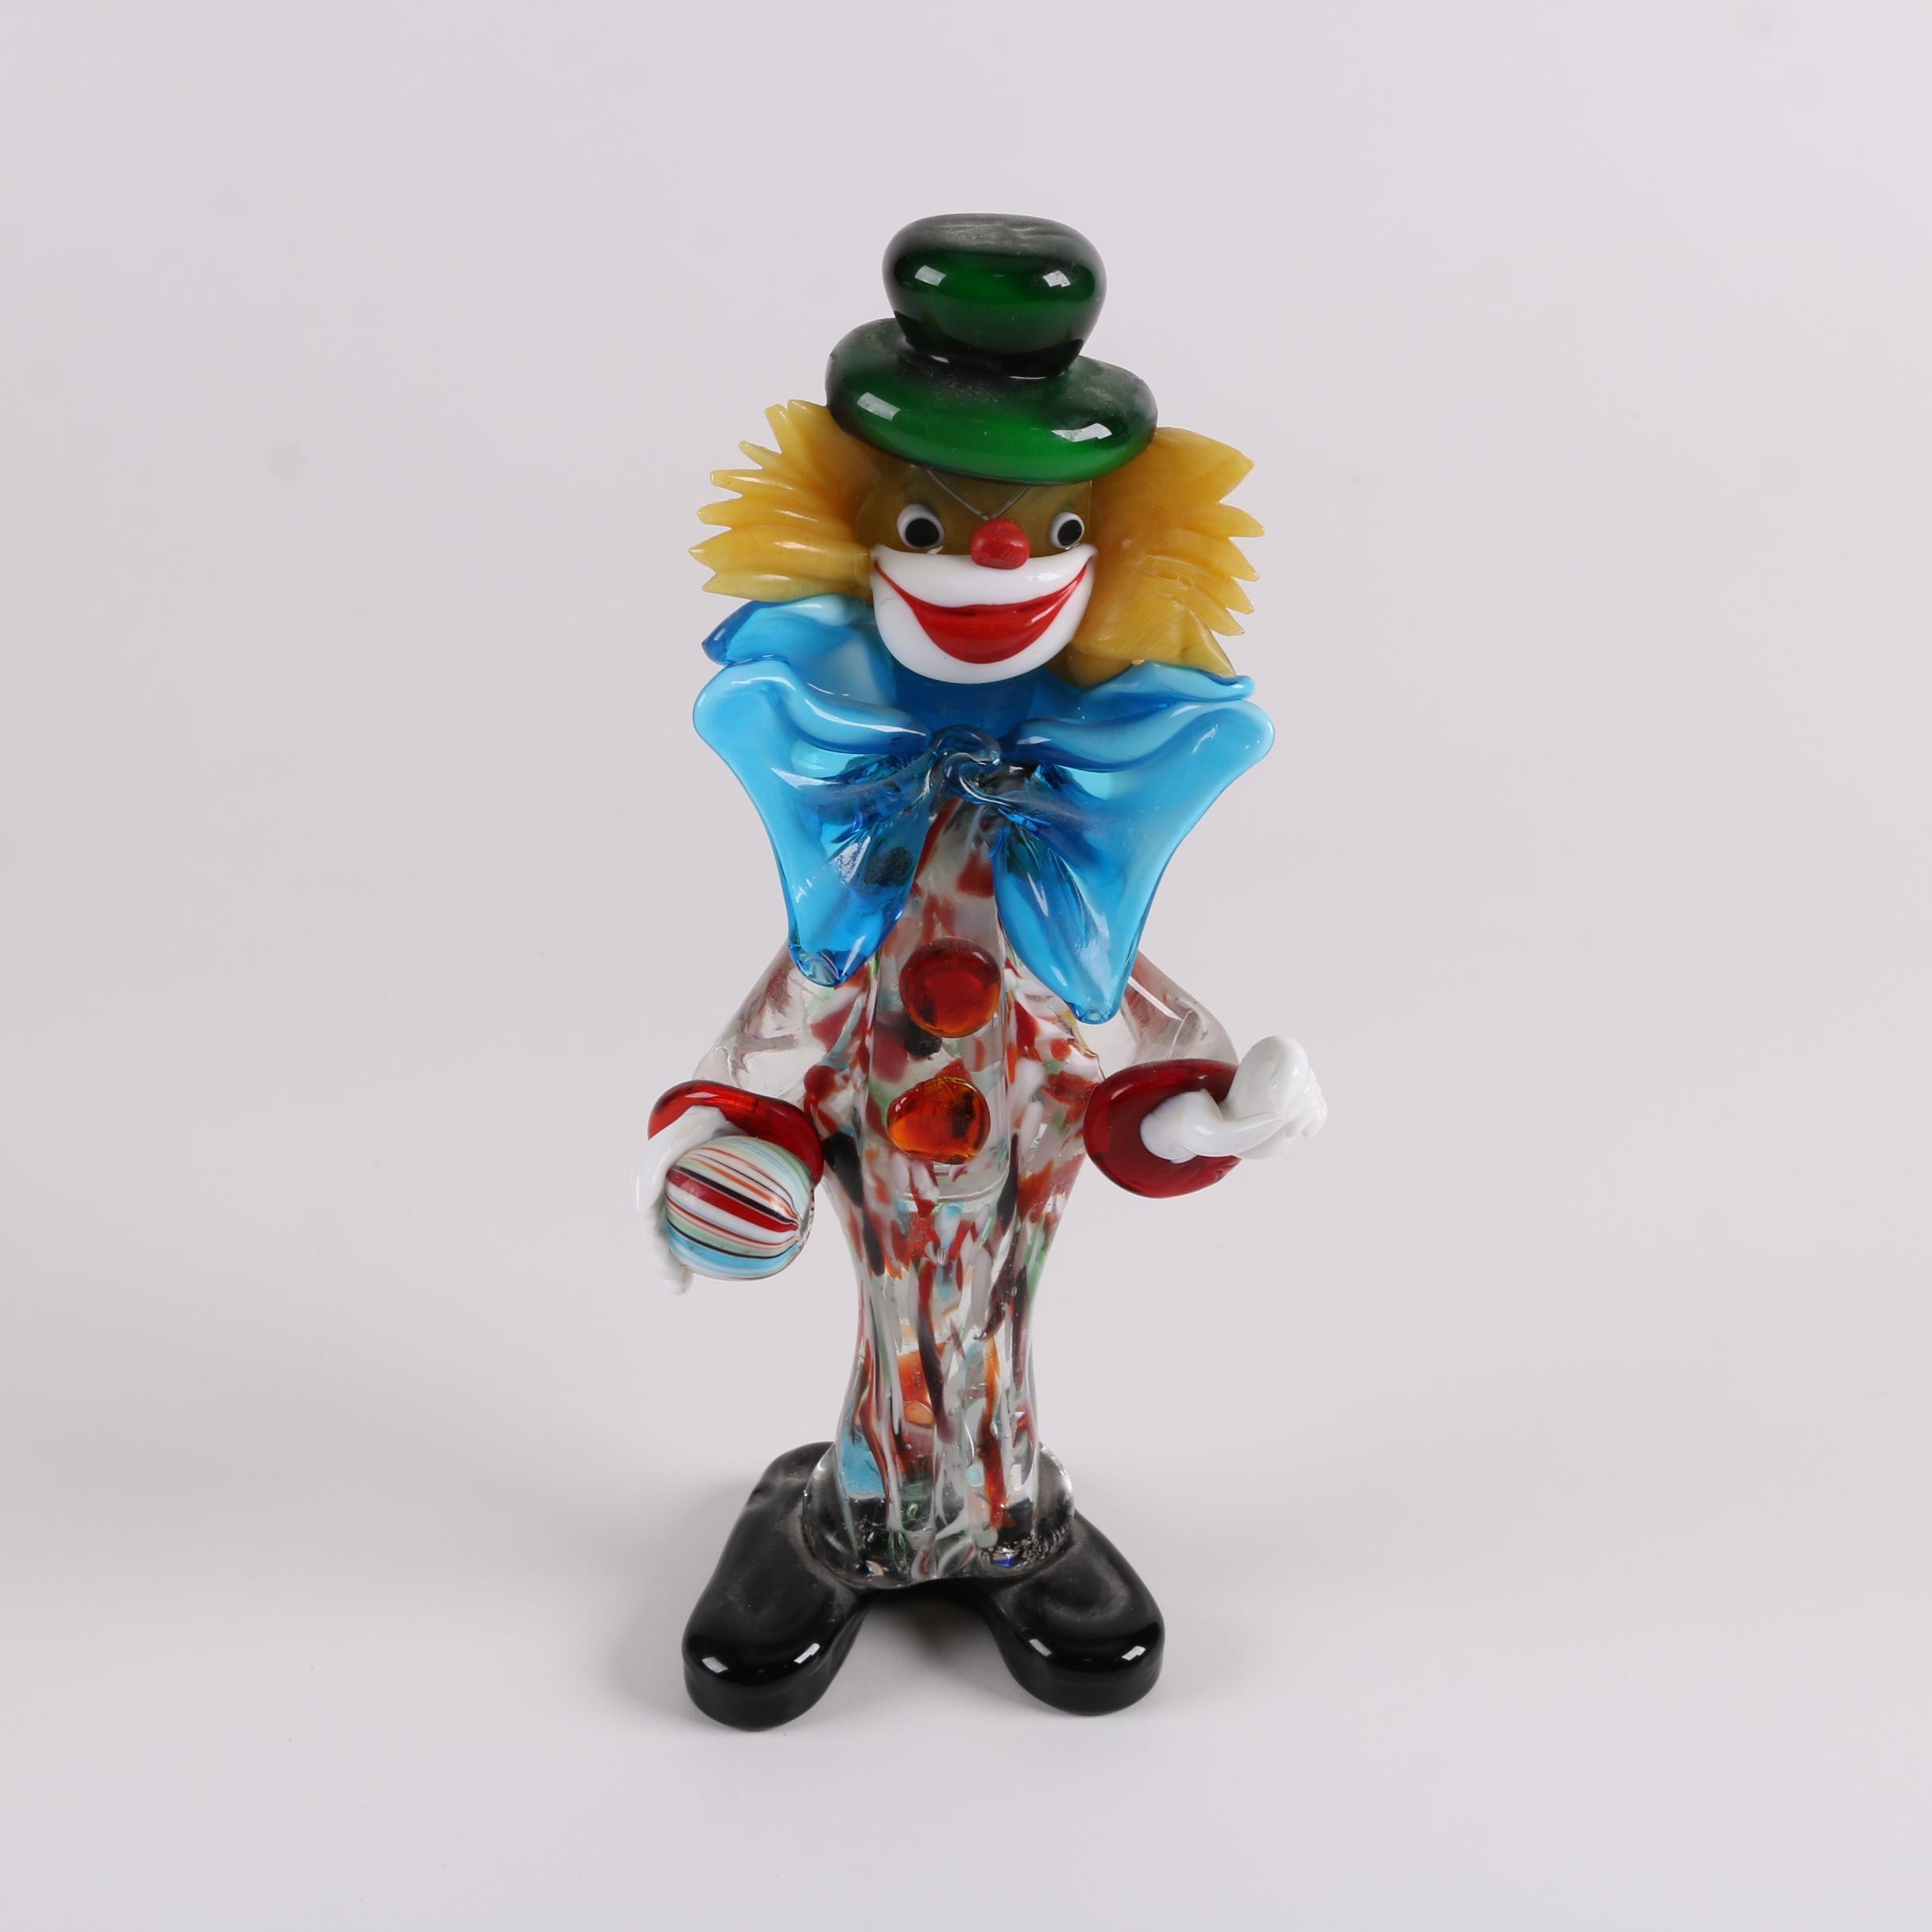 Murano Style Hand-Blown Clown Figurine